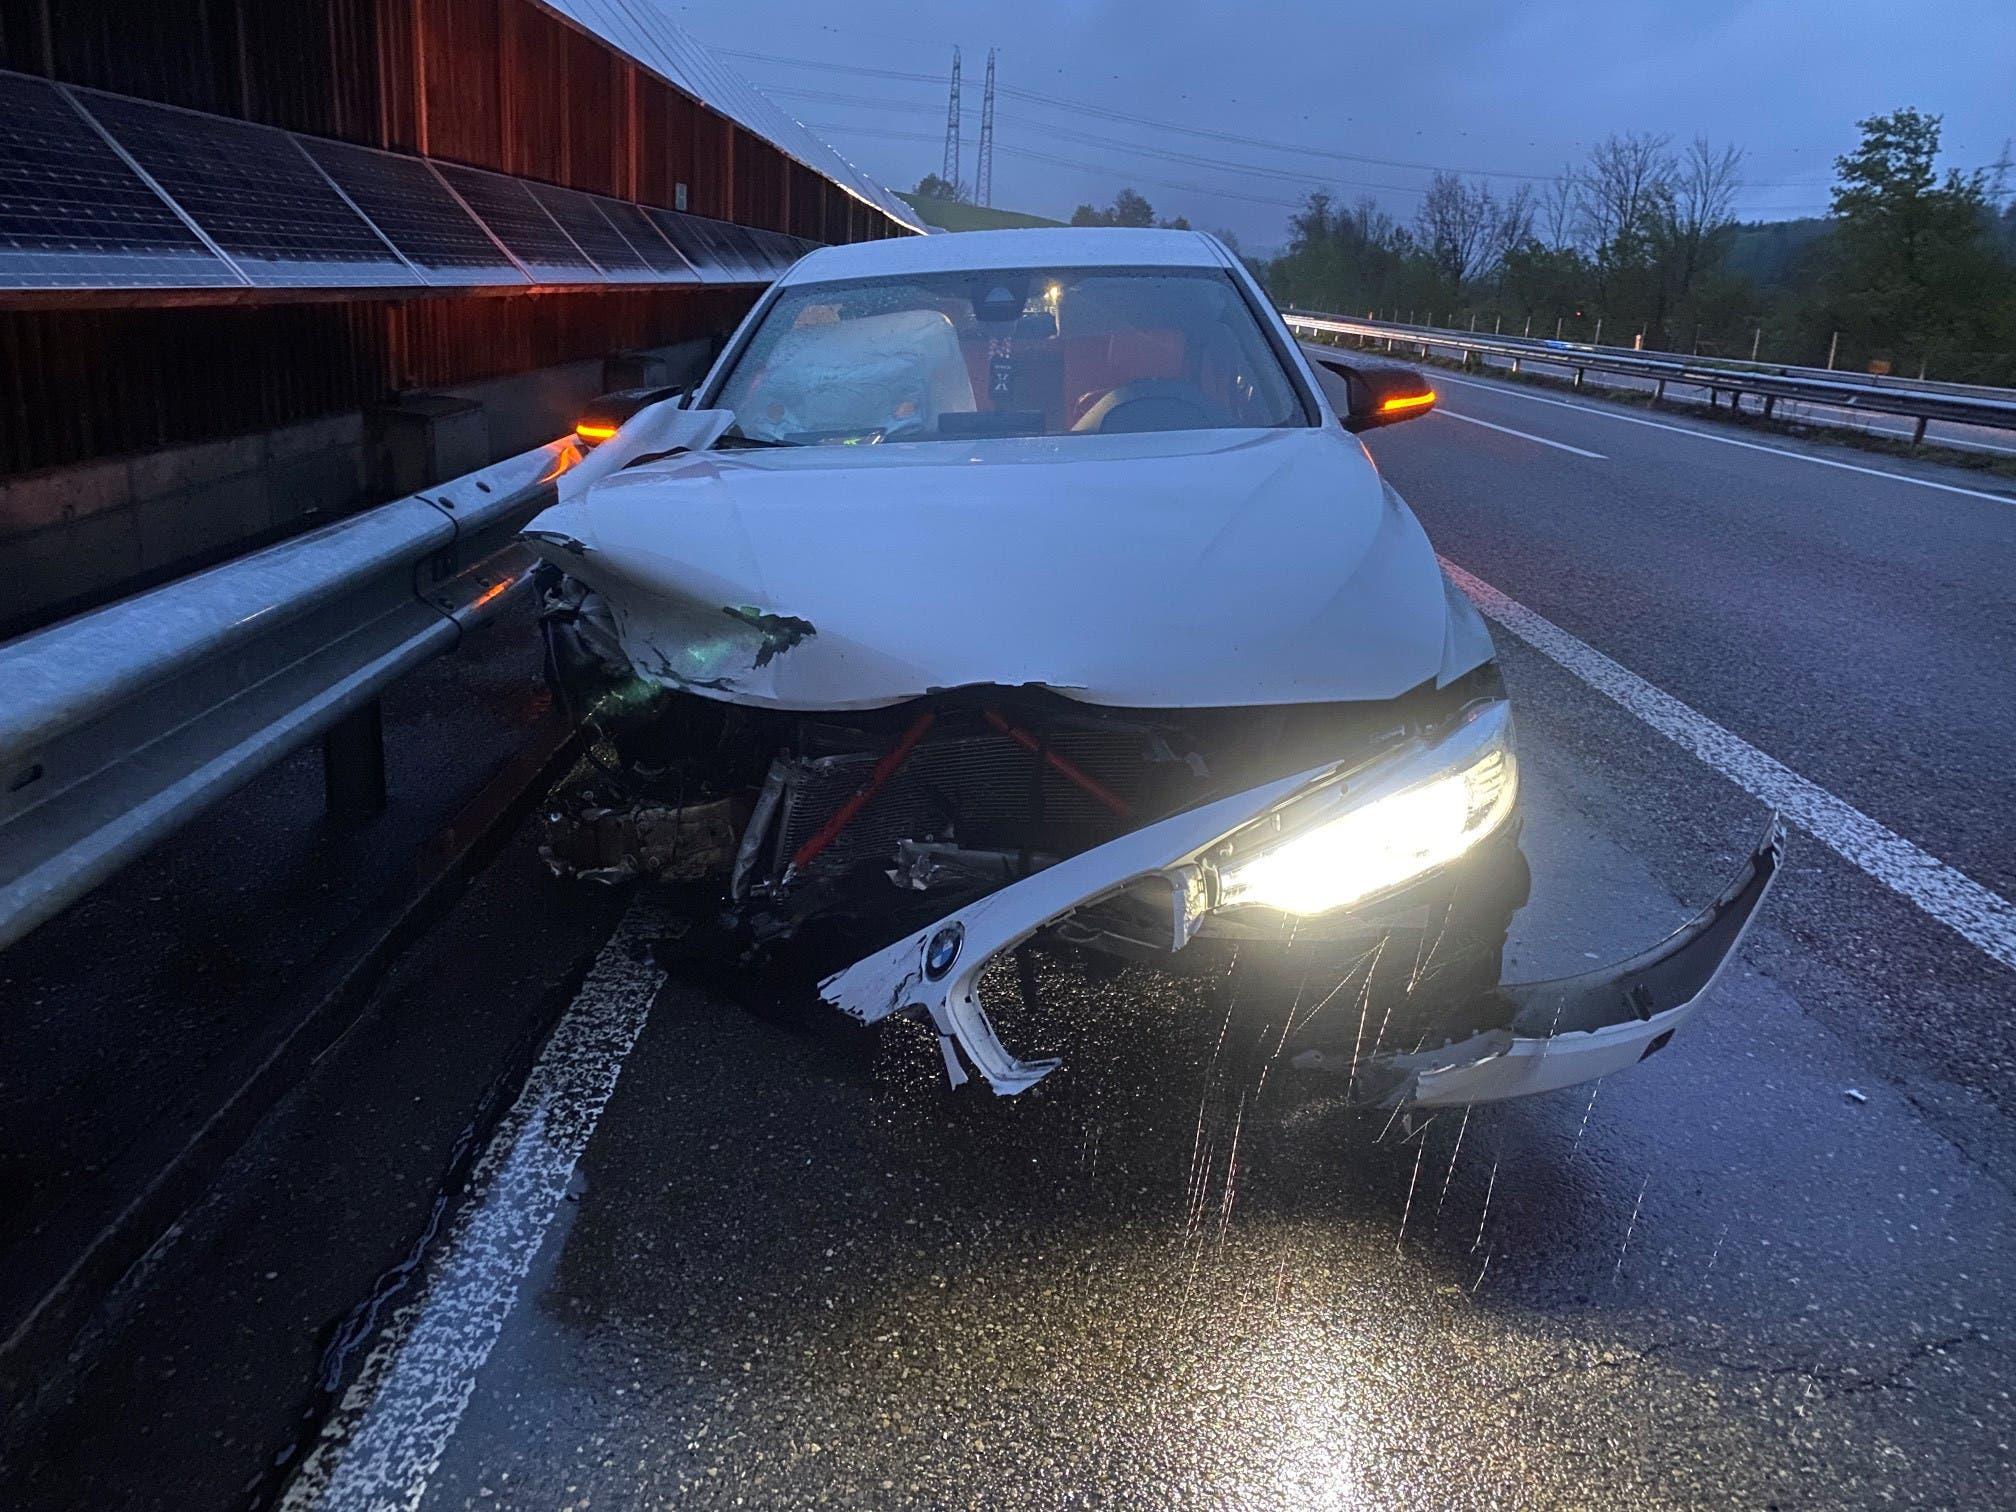 Safenwil/A1, 2. Mai: Eine 19-Jährige verlor die Kontrolle über ihr Fahrzeug. Sie kollidierte mit einem weiteren Fahrzeug. Beide prallten in die Leitplanke.